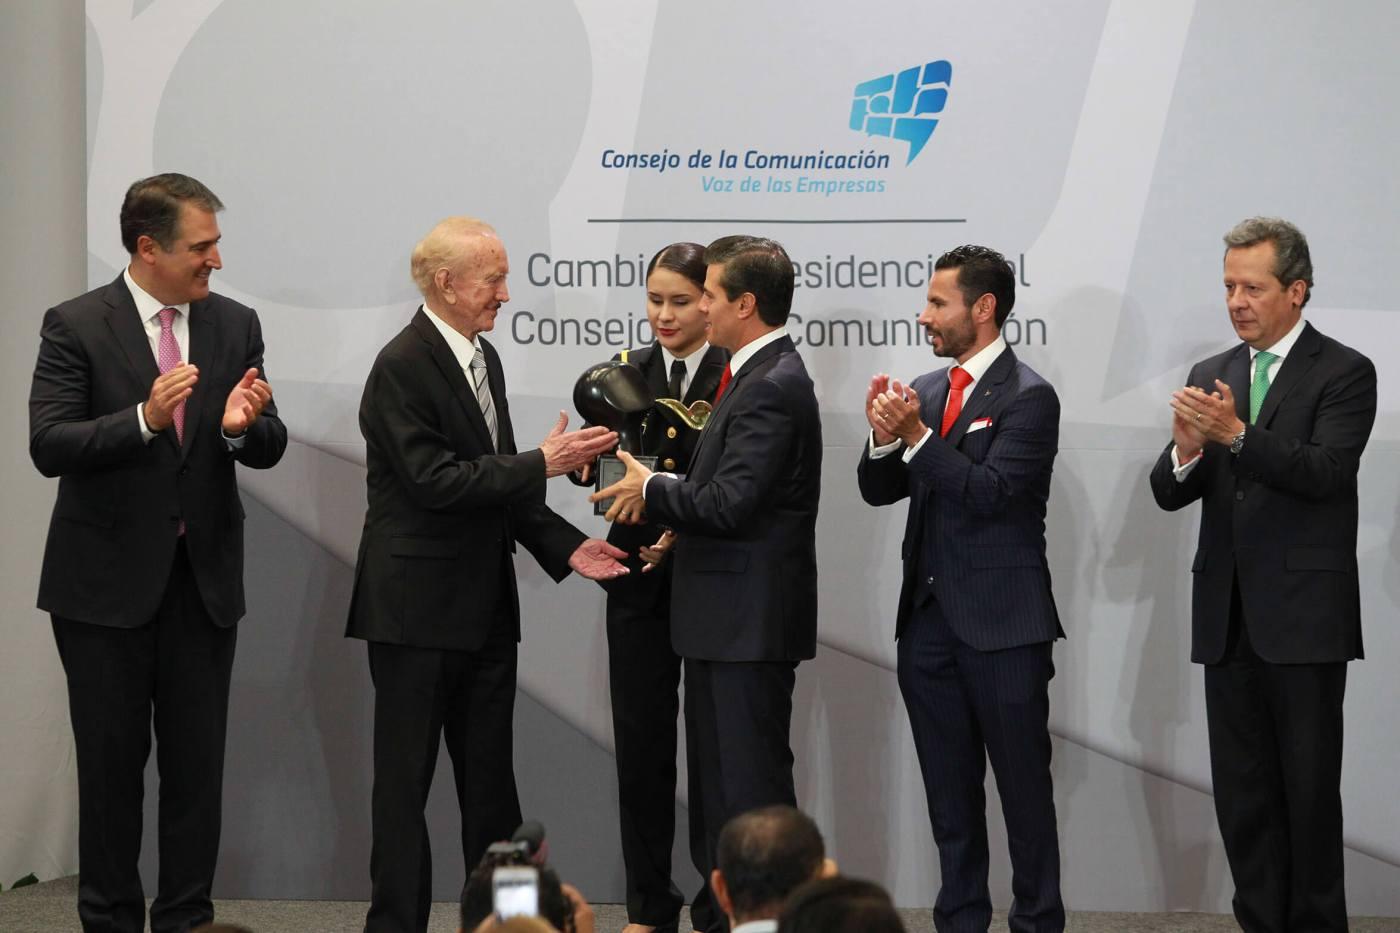 Enrique peña Nieto, Libertad de expresión, Medios de comunicación, Prensa